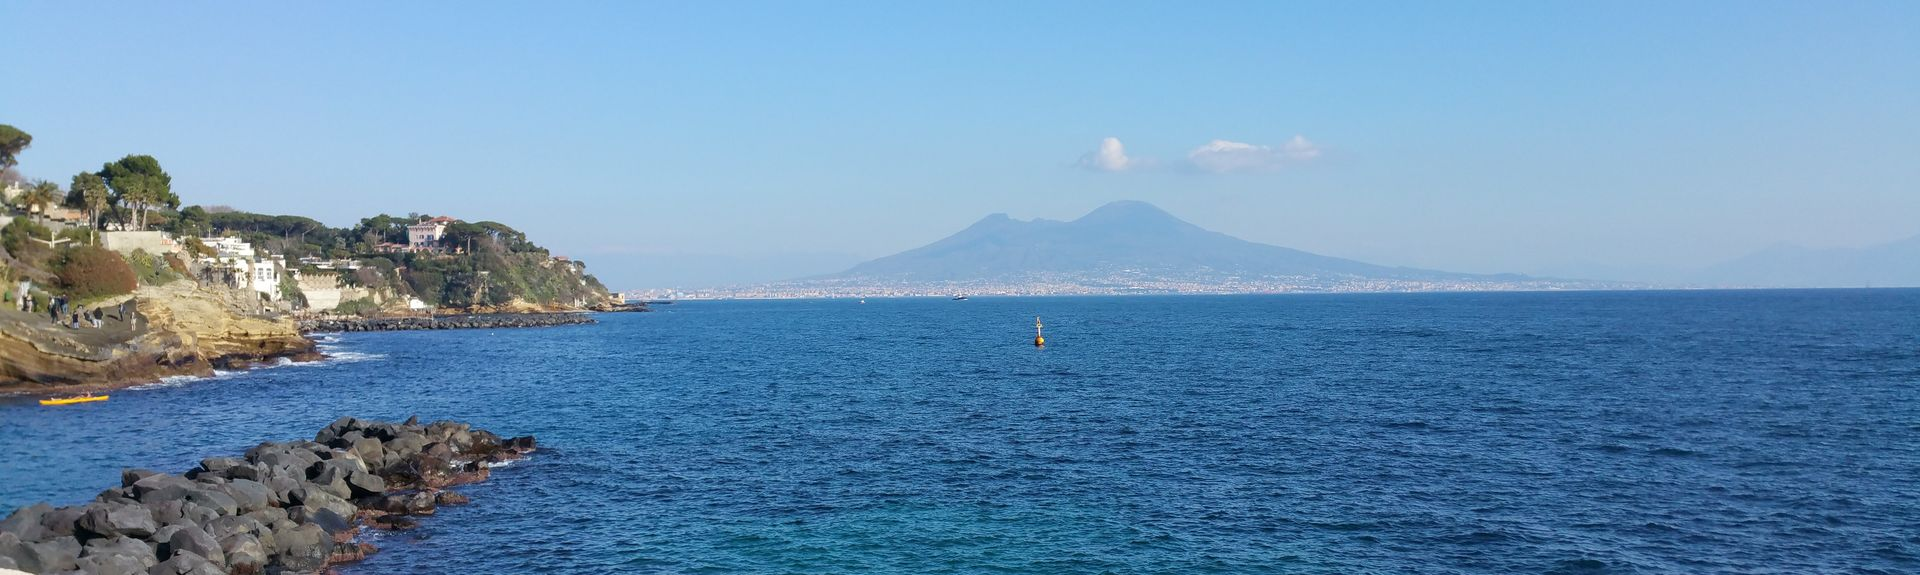 Aversa, Campania, Italia